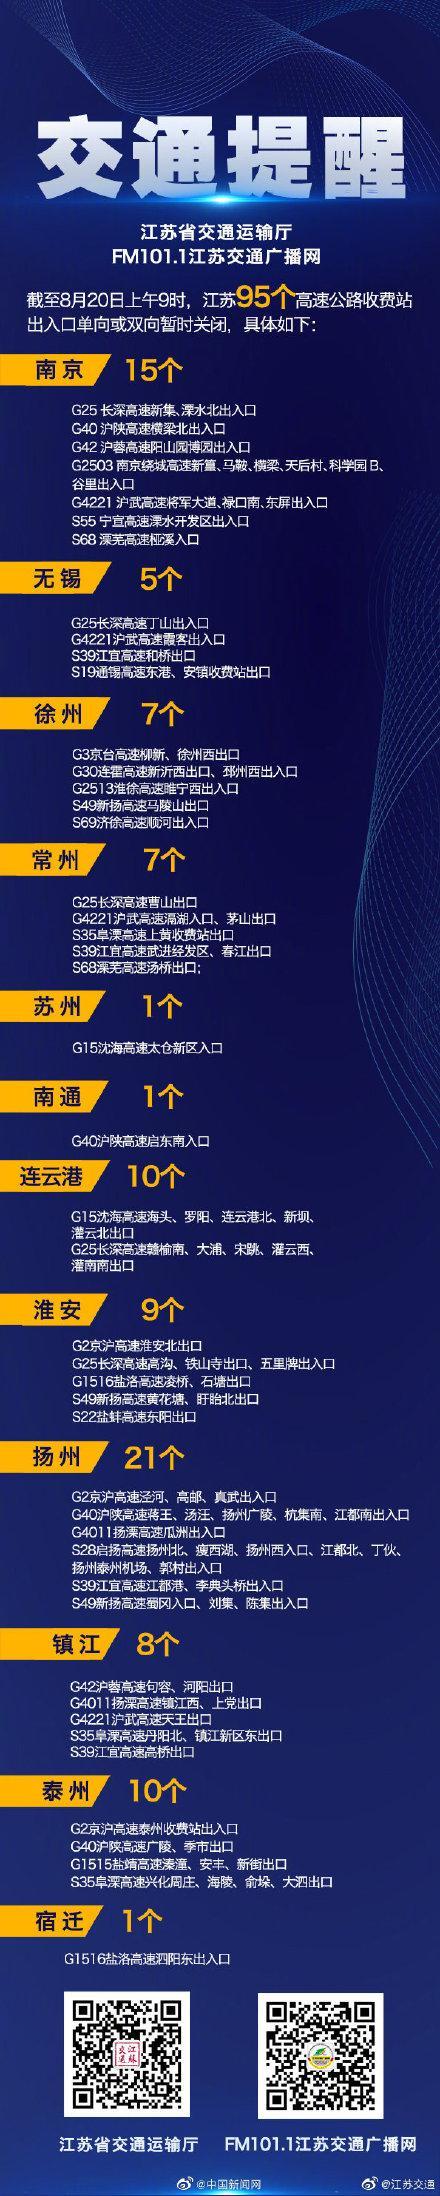 江苏95个高速公路收费站出入口暂时关闭 全球新闻风头榜 第1张